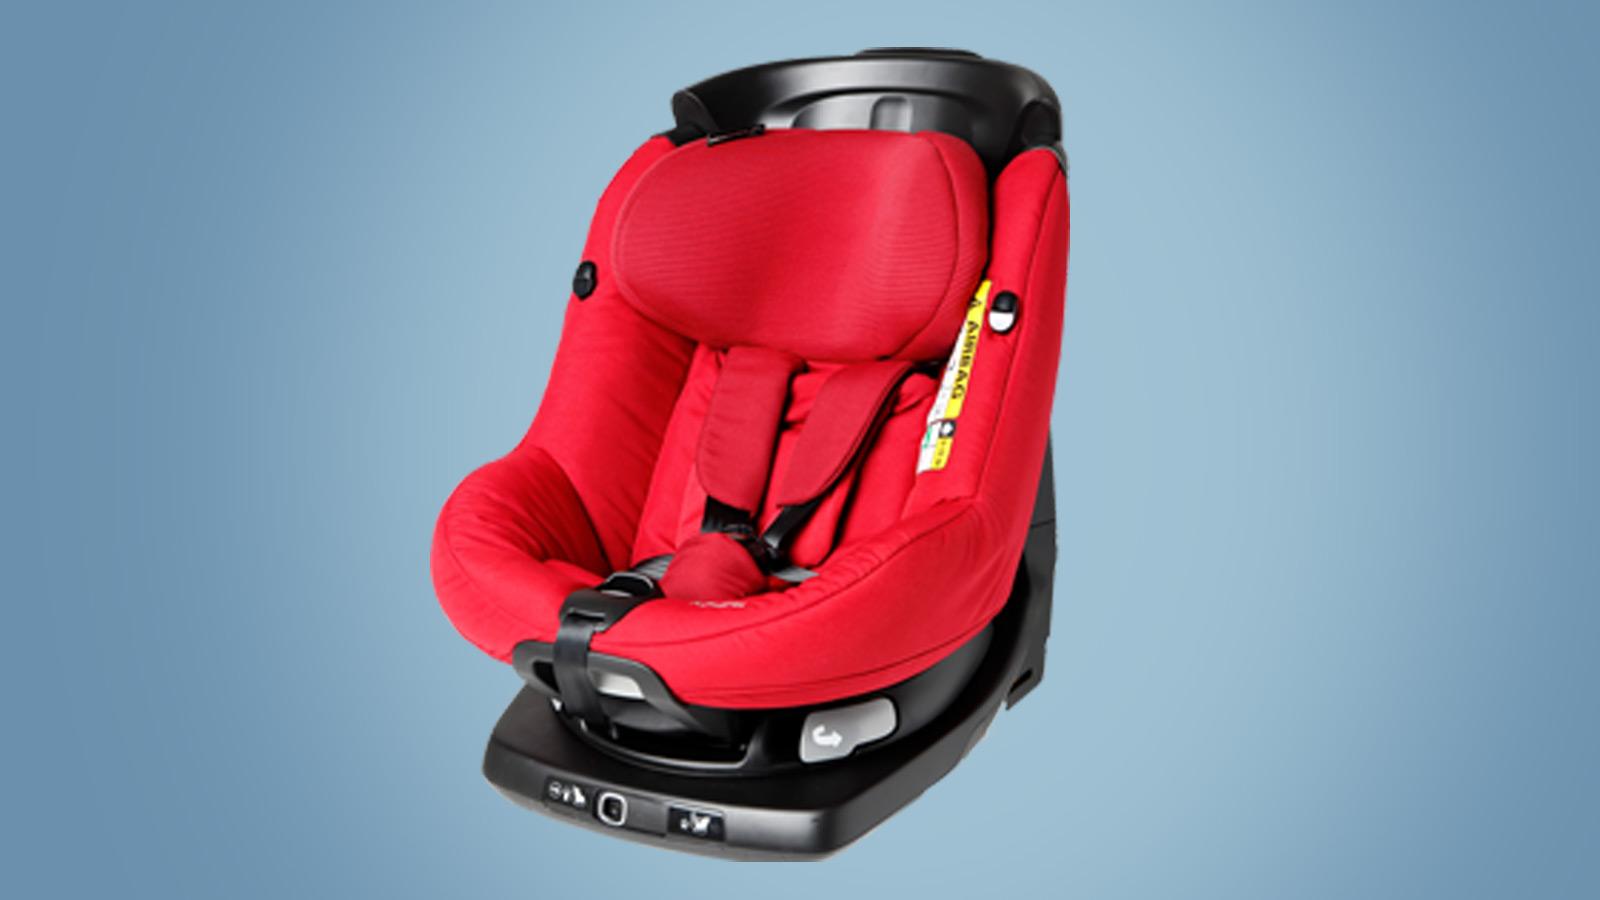 Respondemos a todas as dúvidas sobre os modelos de cadeira auto iSize, destinados a bebés e crianças.